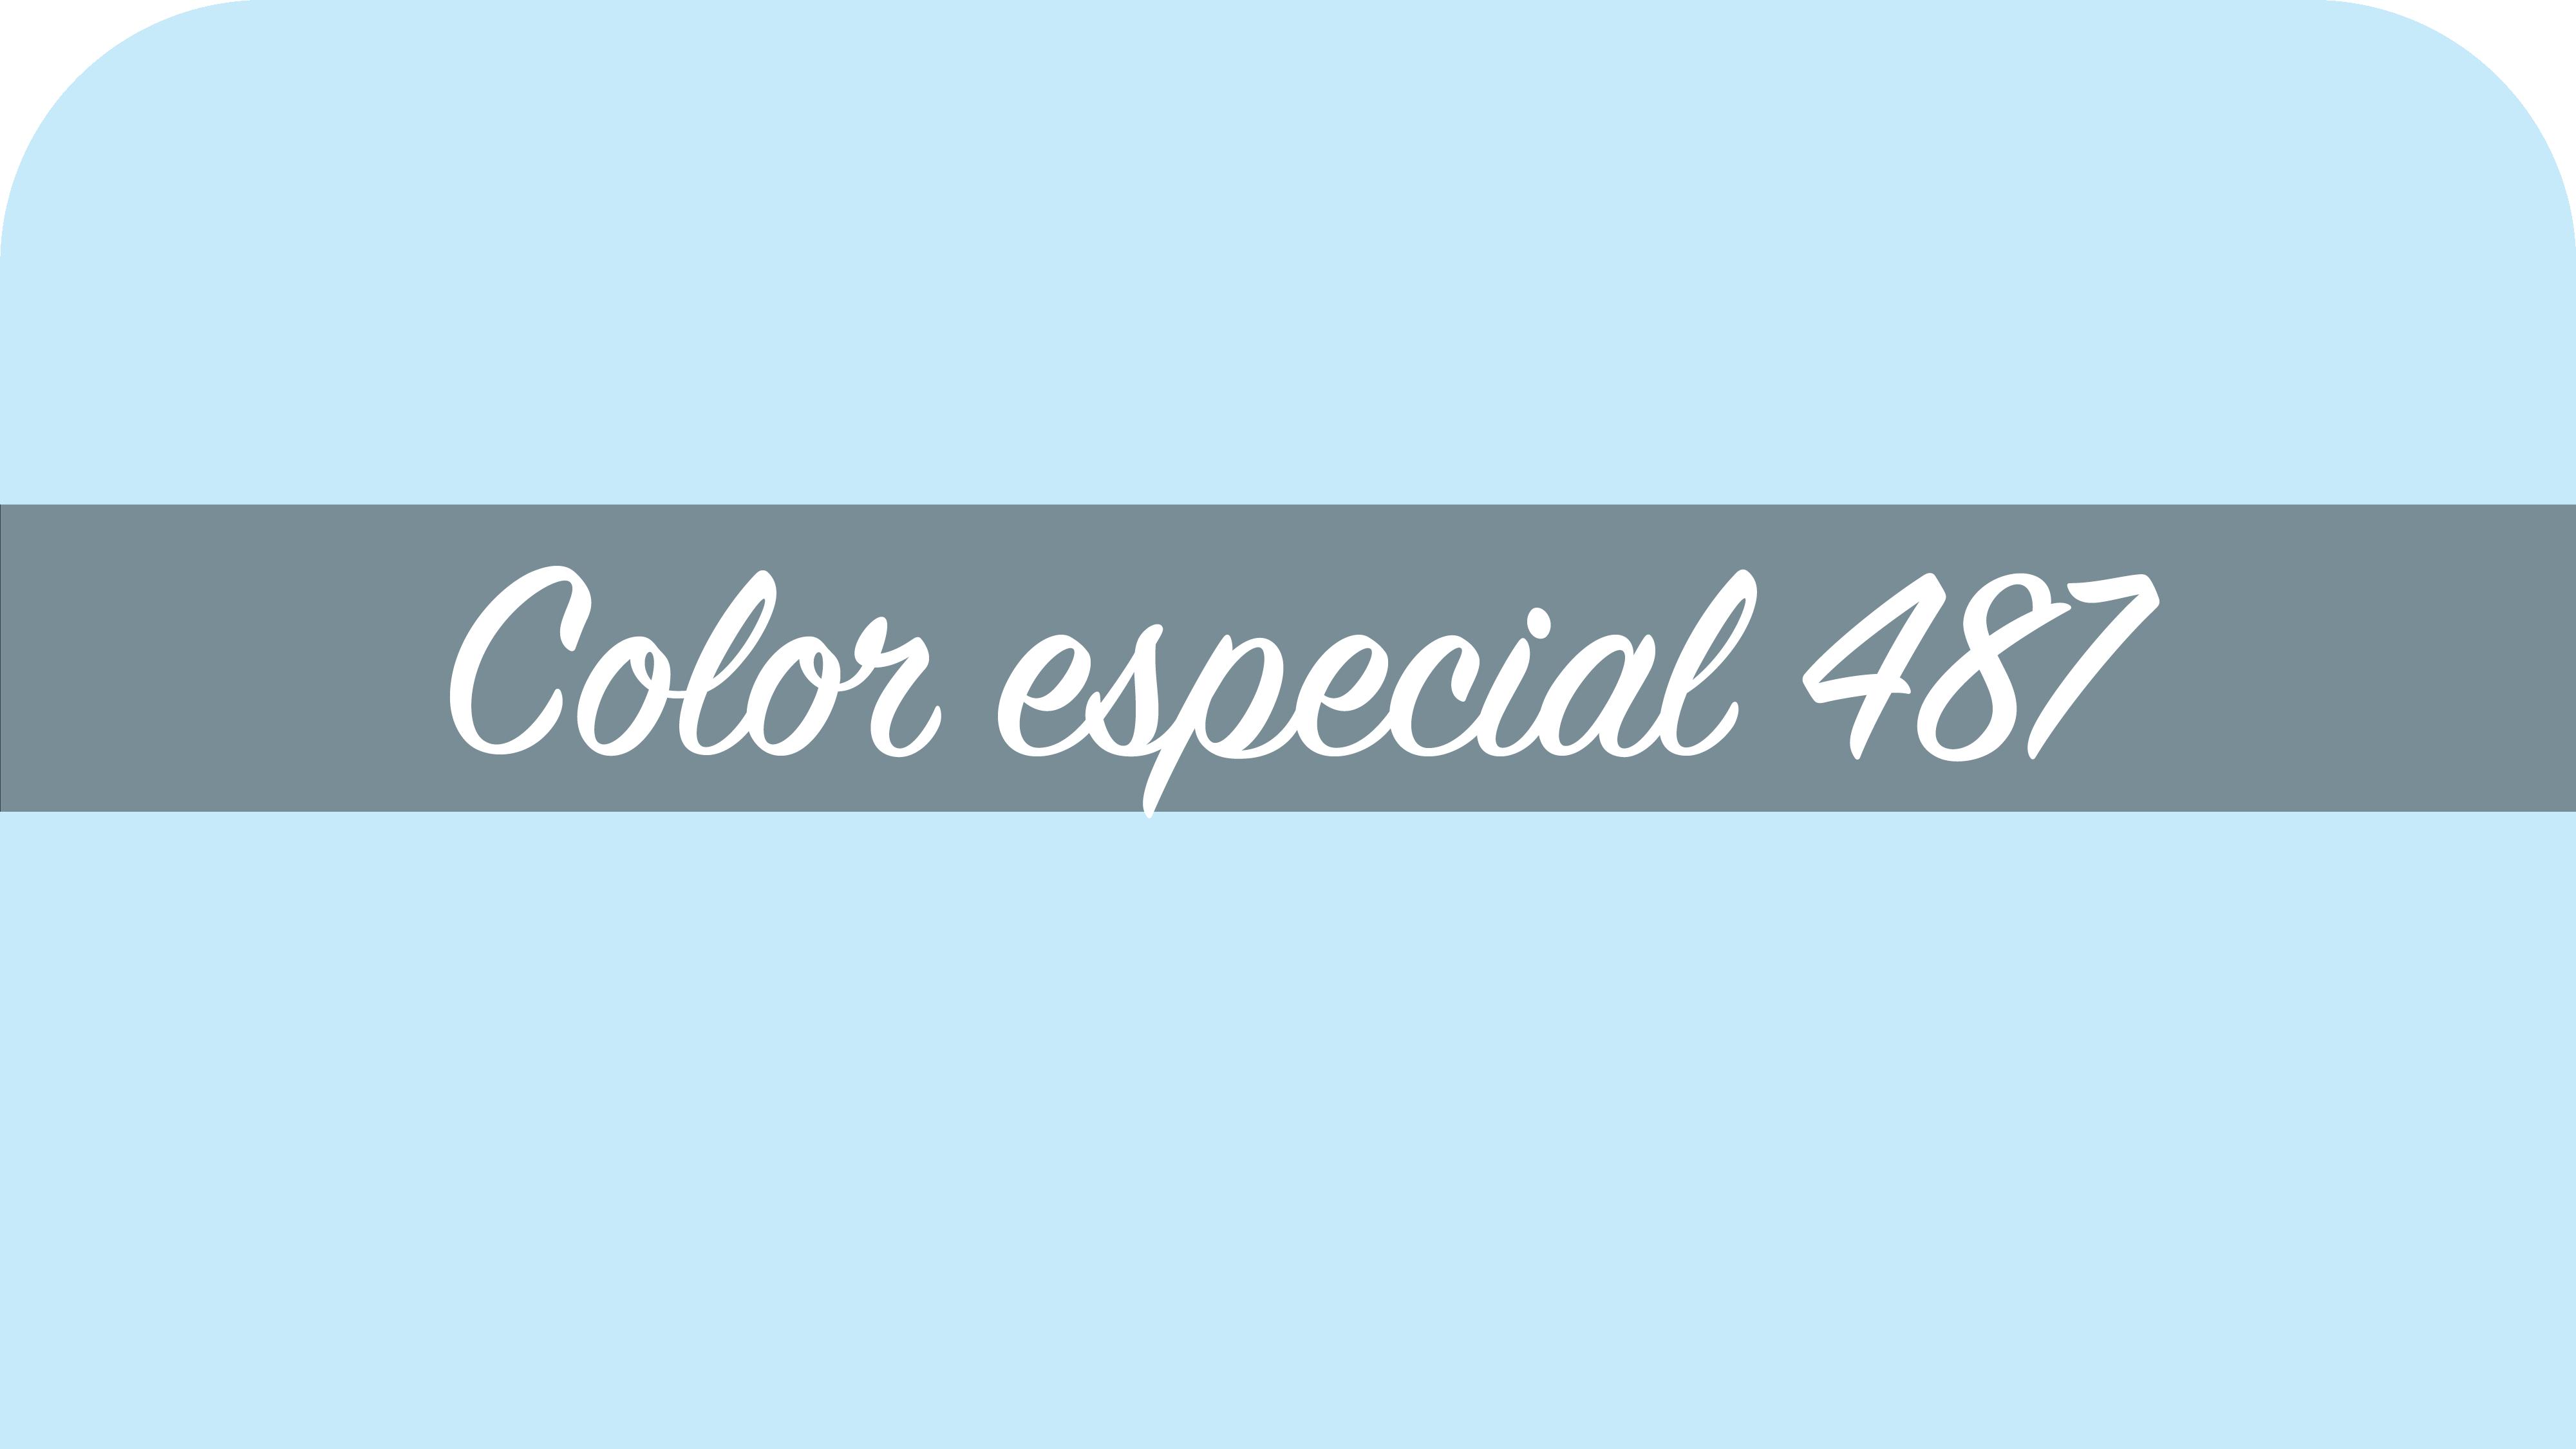 color-especial-487